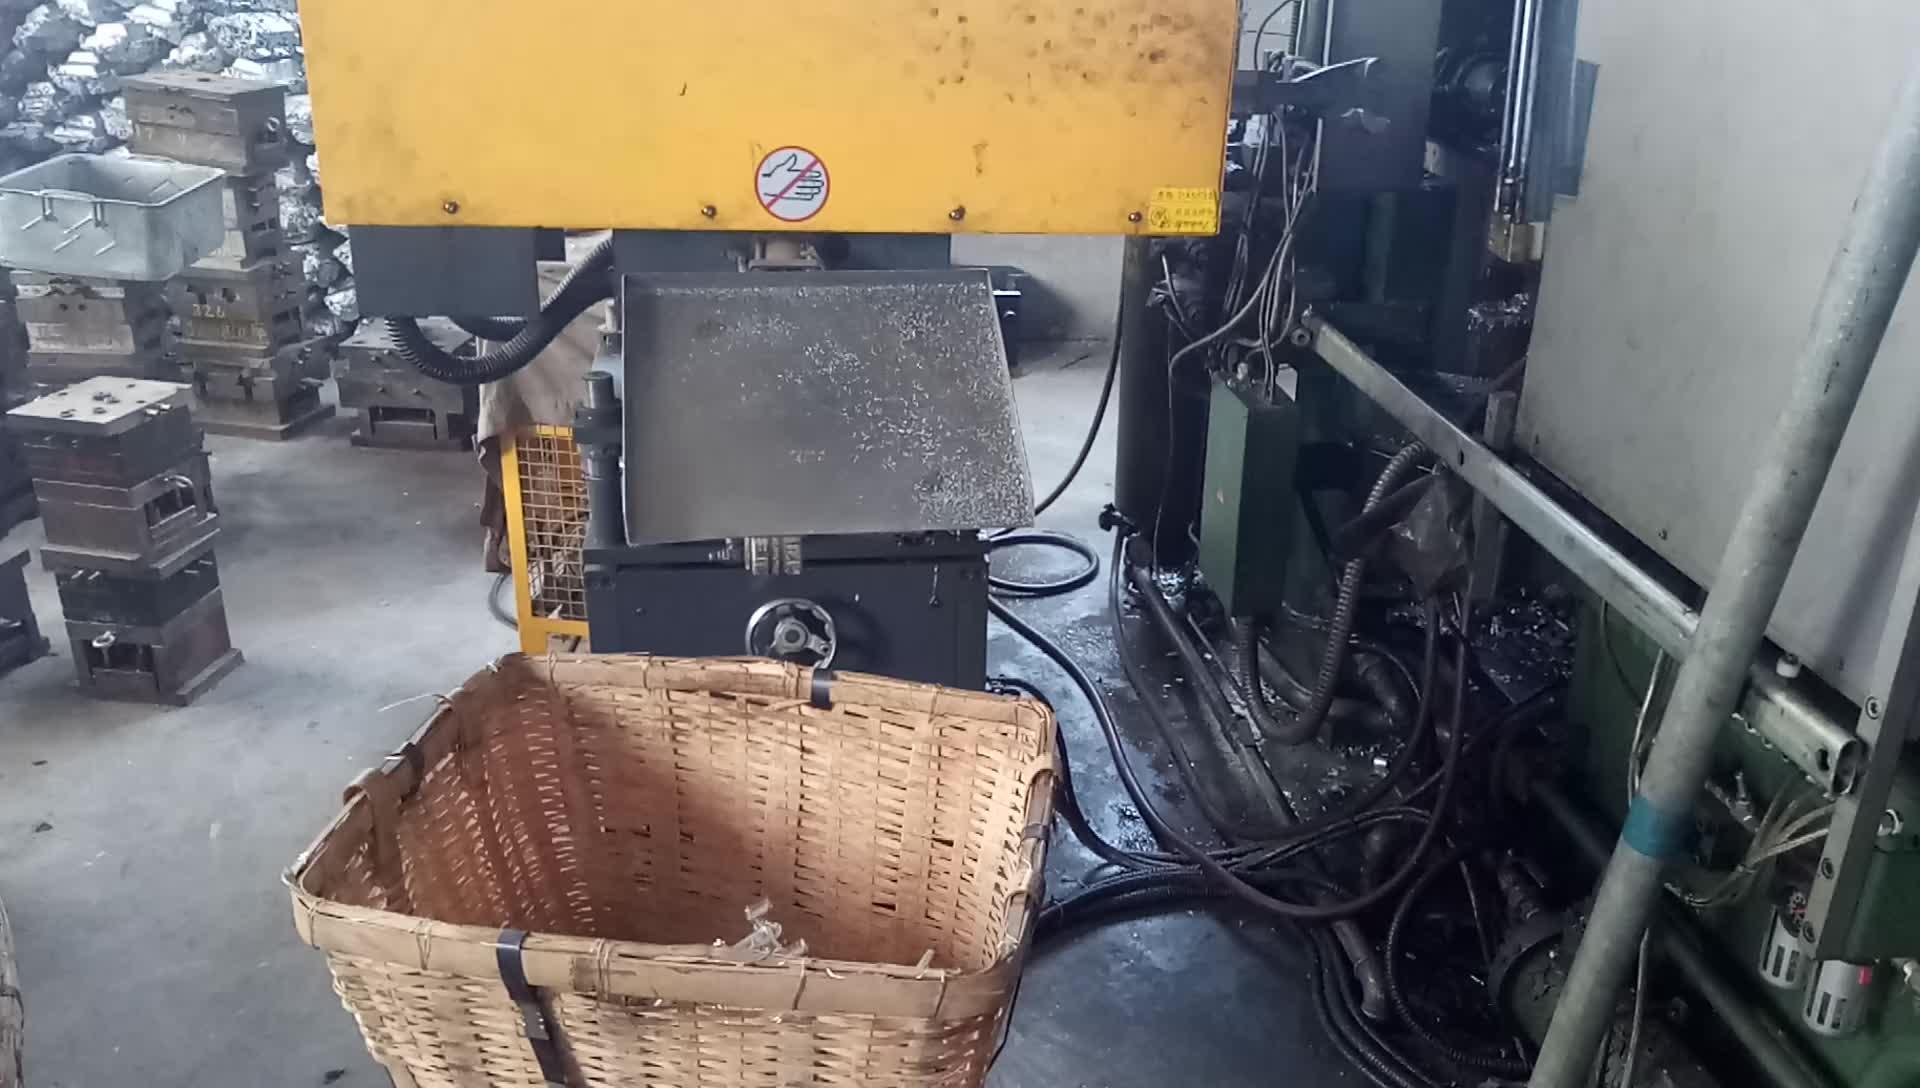 YH1499 4 Digit Code Passwort Kombination Anti-Diebstahl Vorhängeschloss Zink-legierung Wasserdichte Türschloss für Garage Schule Zu Hause